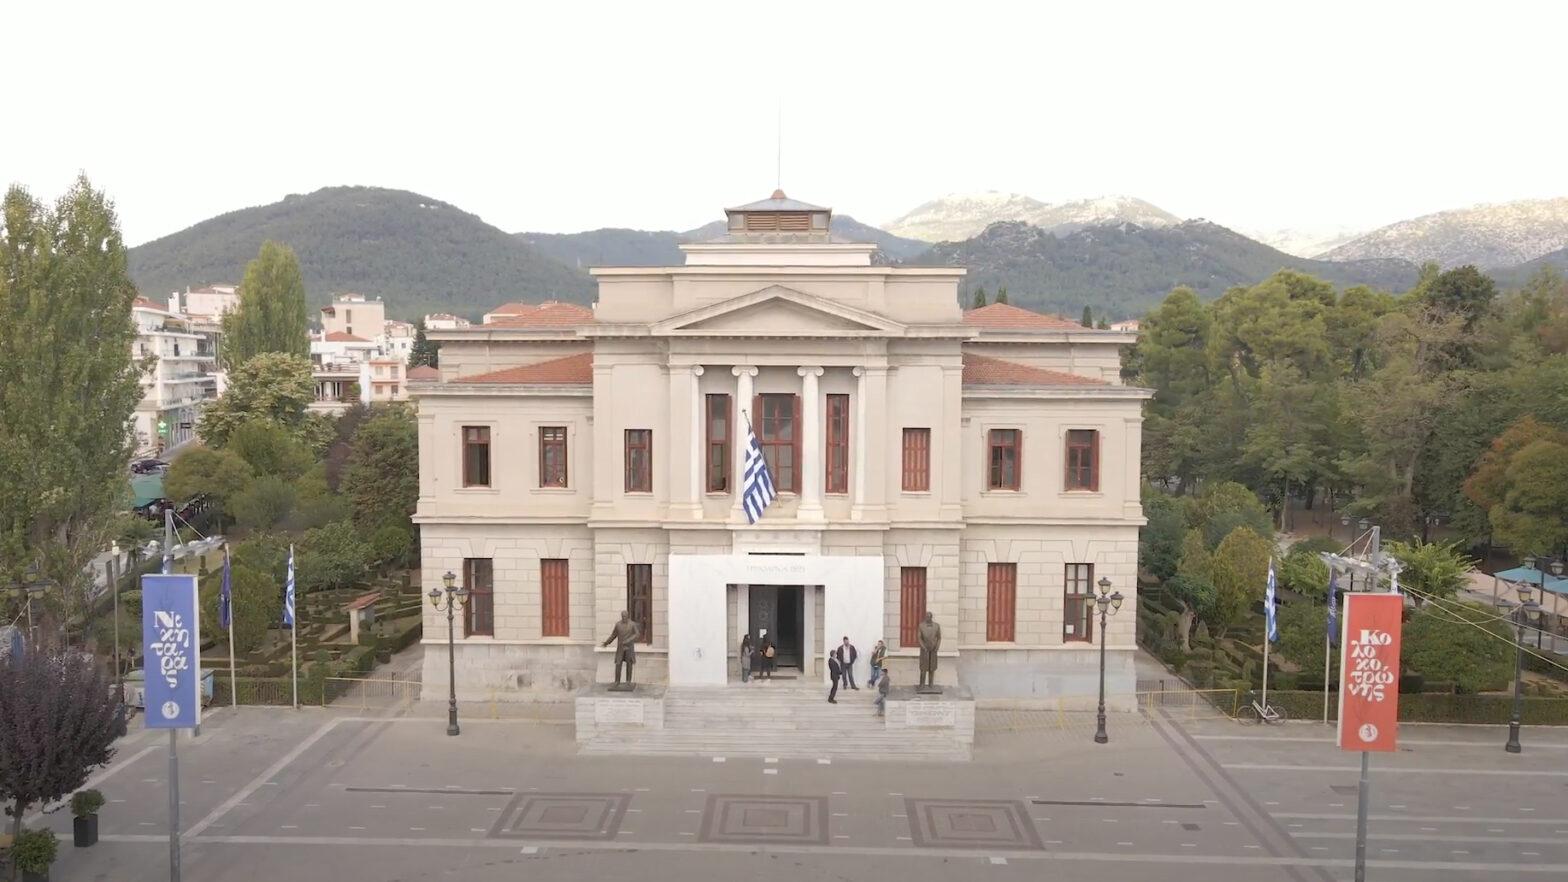 60 χρόνια από την Ίδρυση και Λειτουργία της Διοικητικής Δικαιοσύνης στην Περιφέρεια Πελοποννήσου